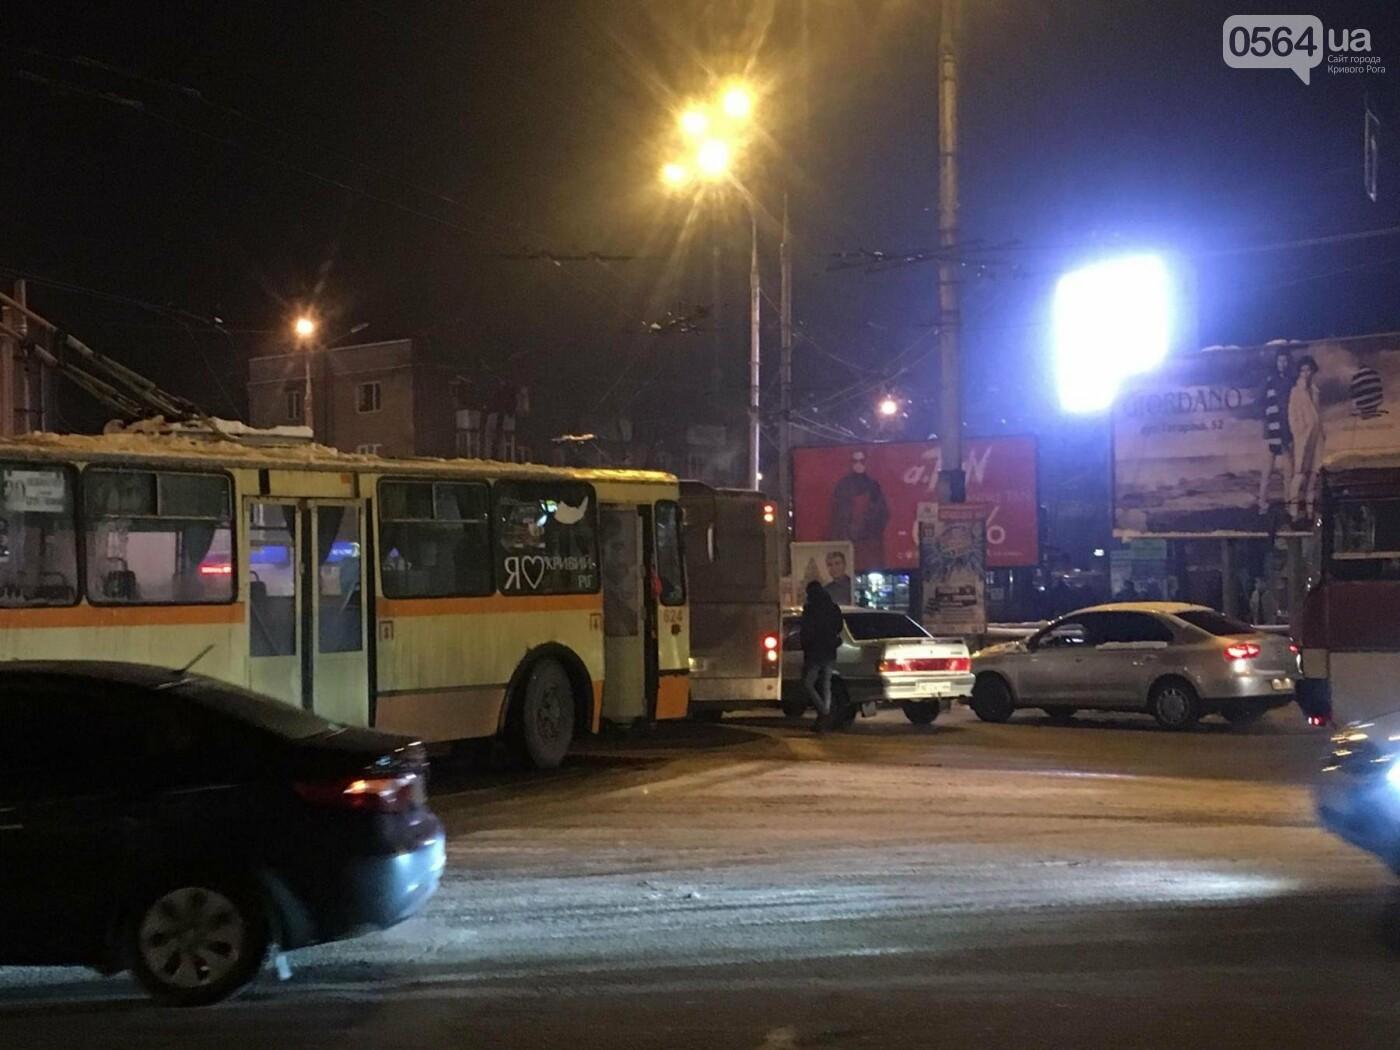 Не везет, так не везет: Один из новых криворожских автобусов попал в ДТП (ФОТО), фото-5